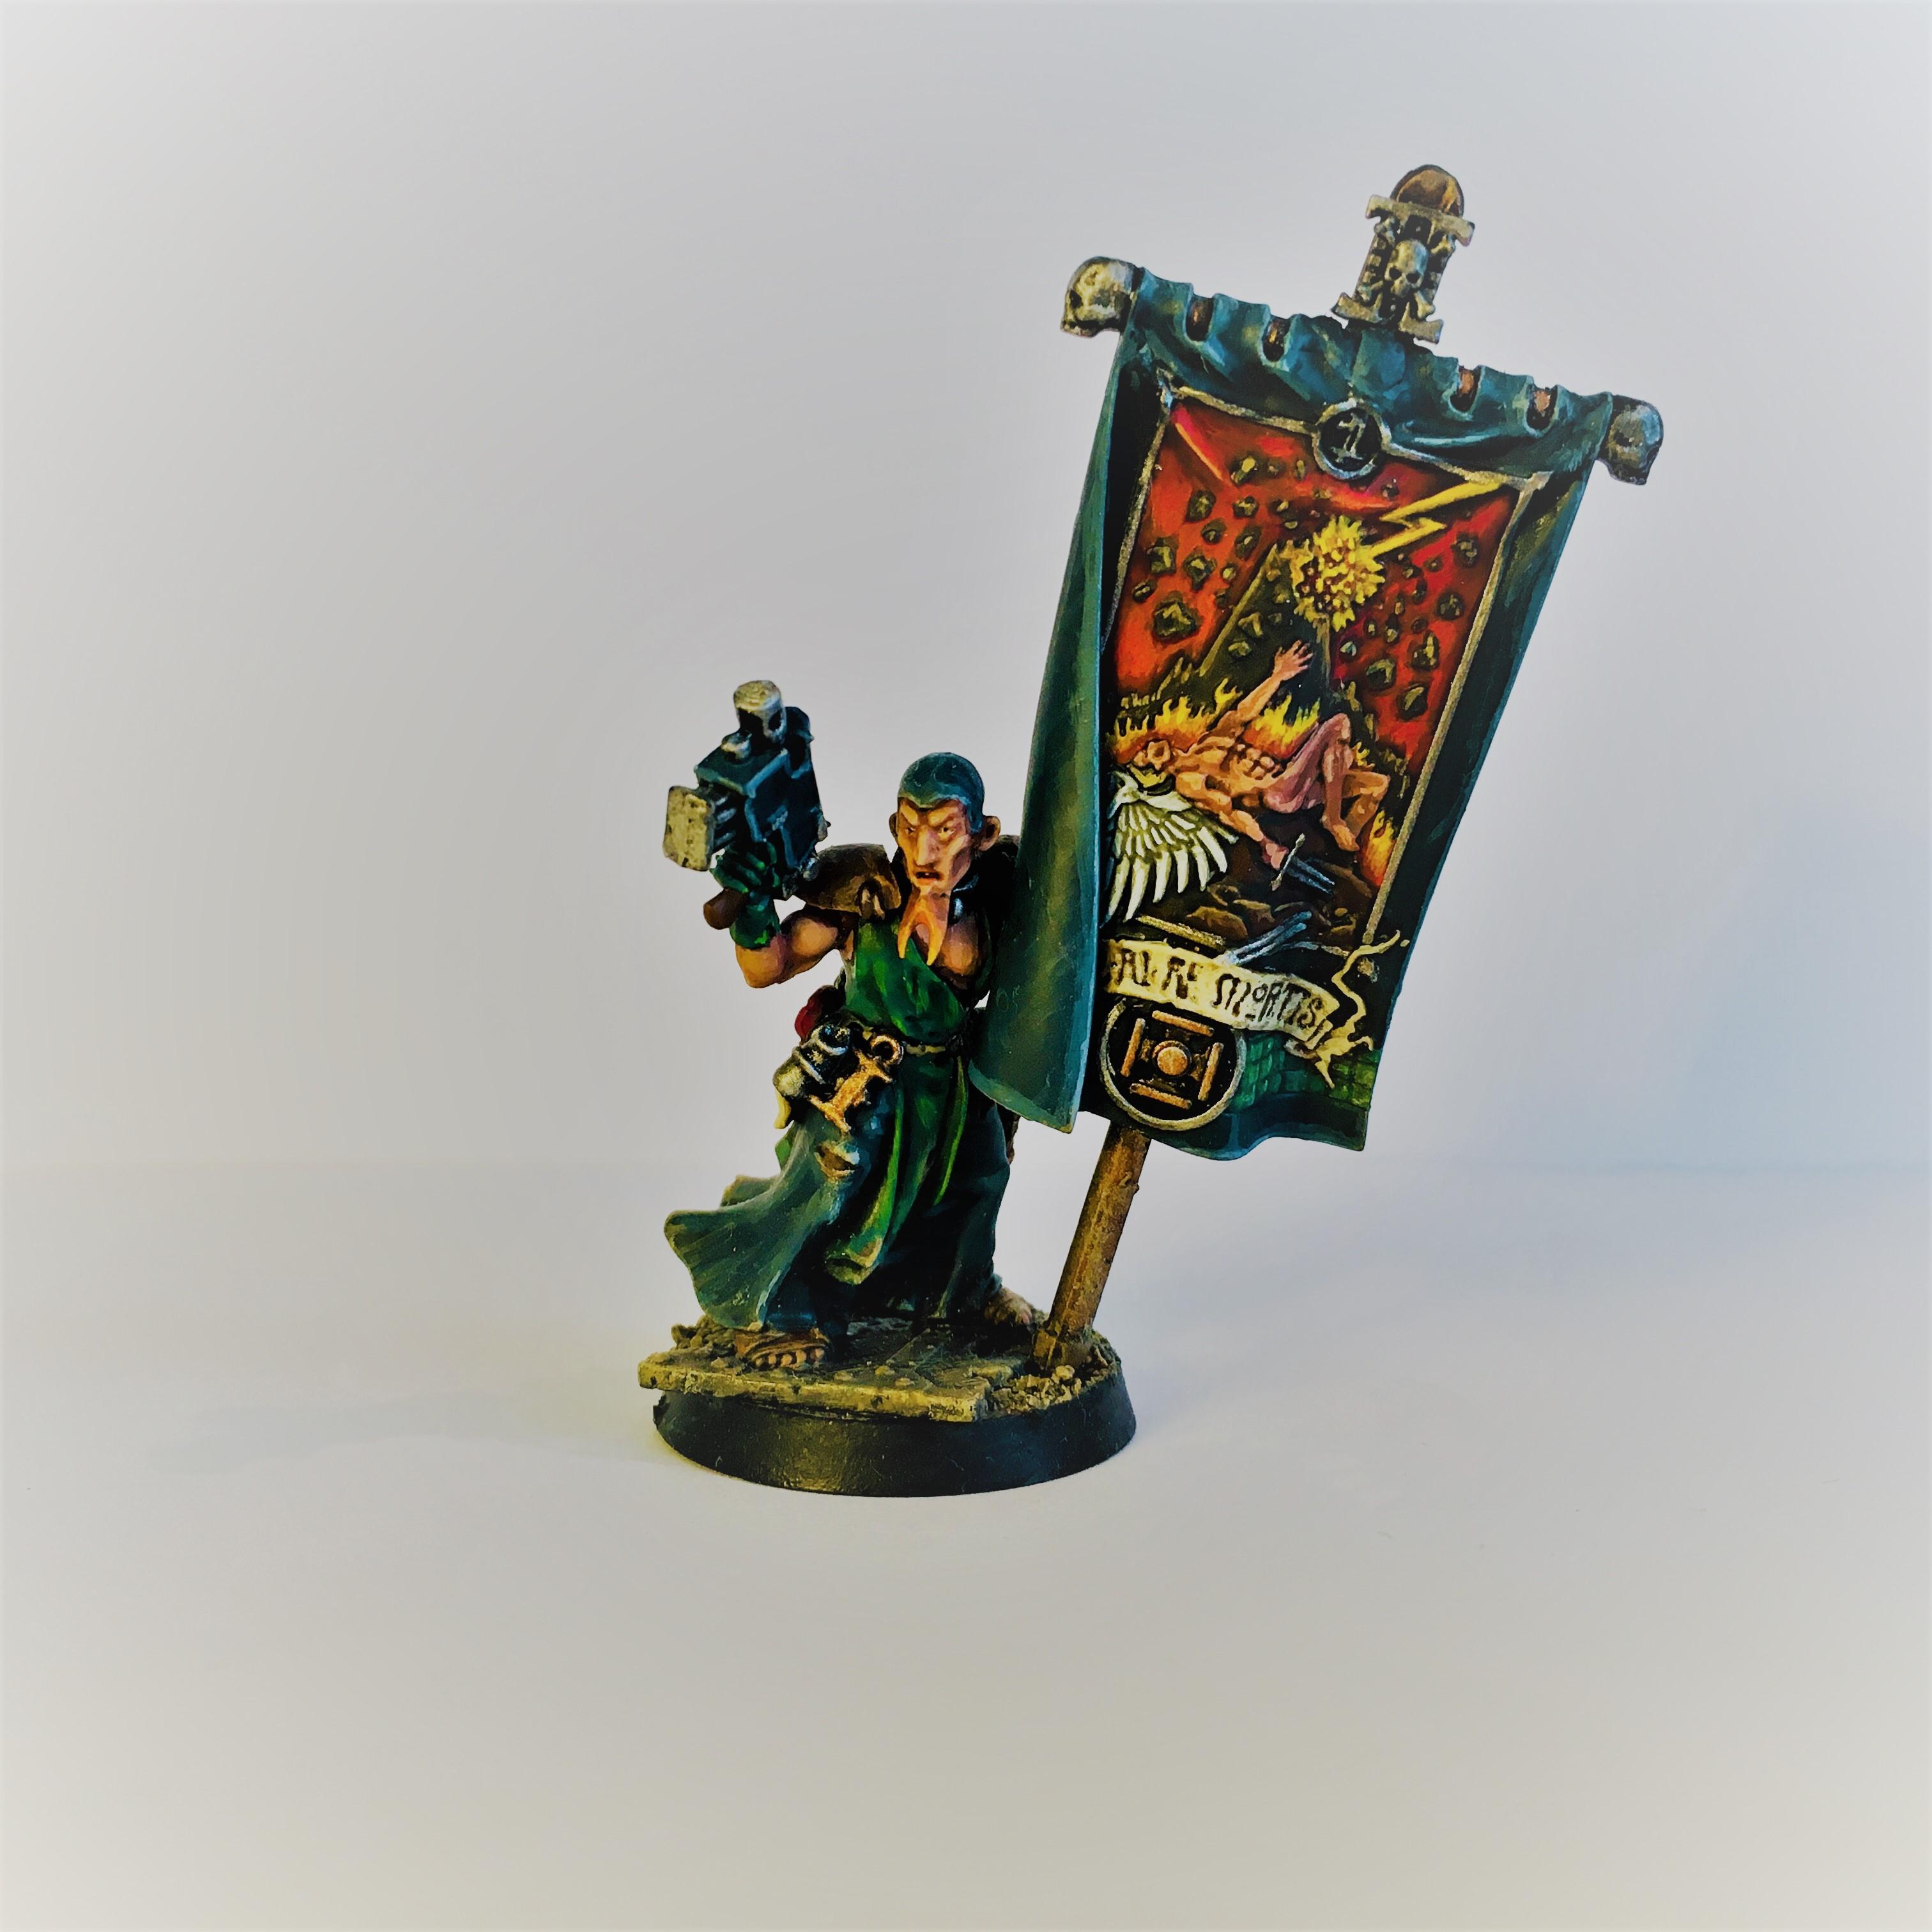 Battle Wizard, Conversion, Deathwing Banner, Flagellant, Inquisition, Ministorum, Priest, Warband